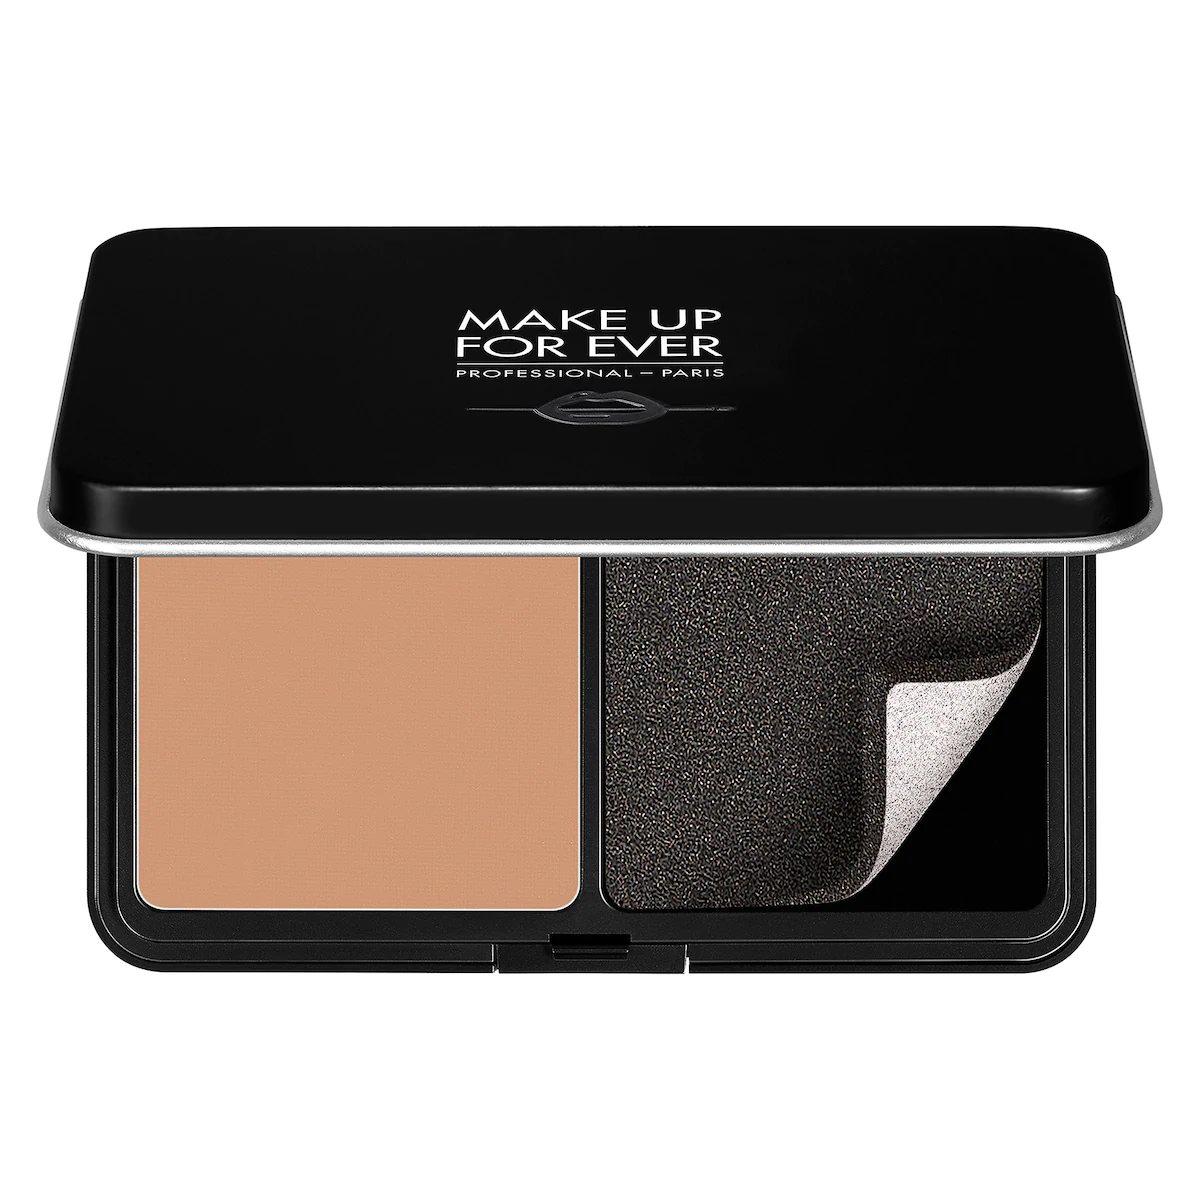 Phấn nền Matte Velvet Skin Blurring Powder Foundation của MAKE UP FOR EVER